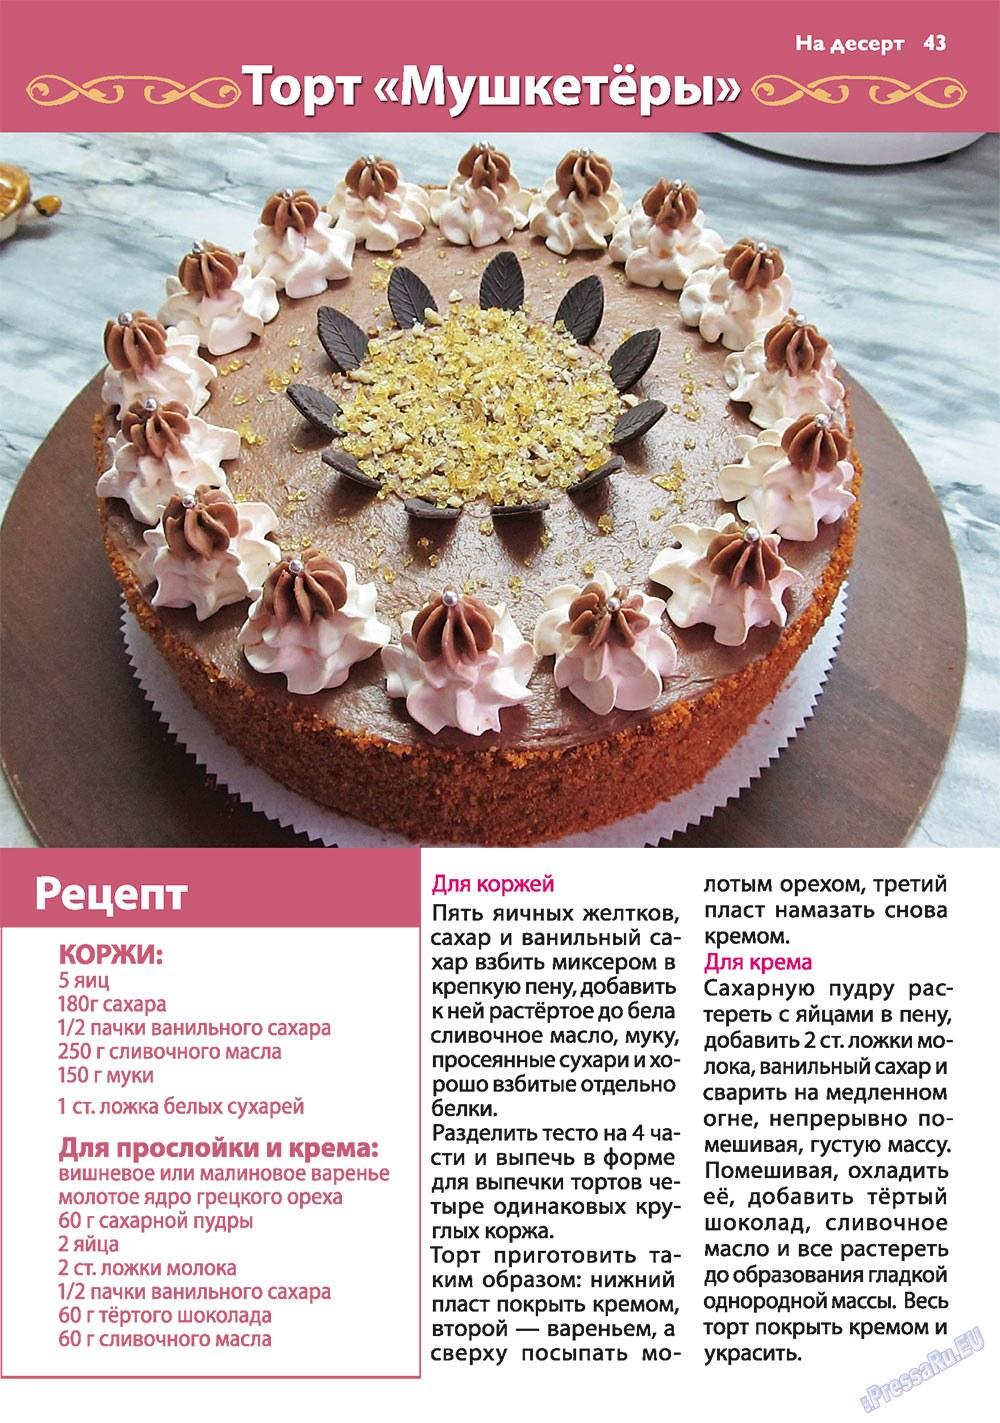 Апельсин (журнал). 2011 год, номер 21, стр. 43